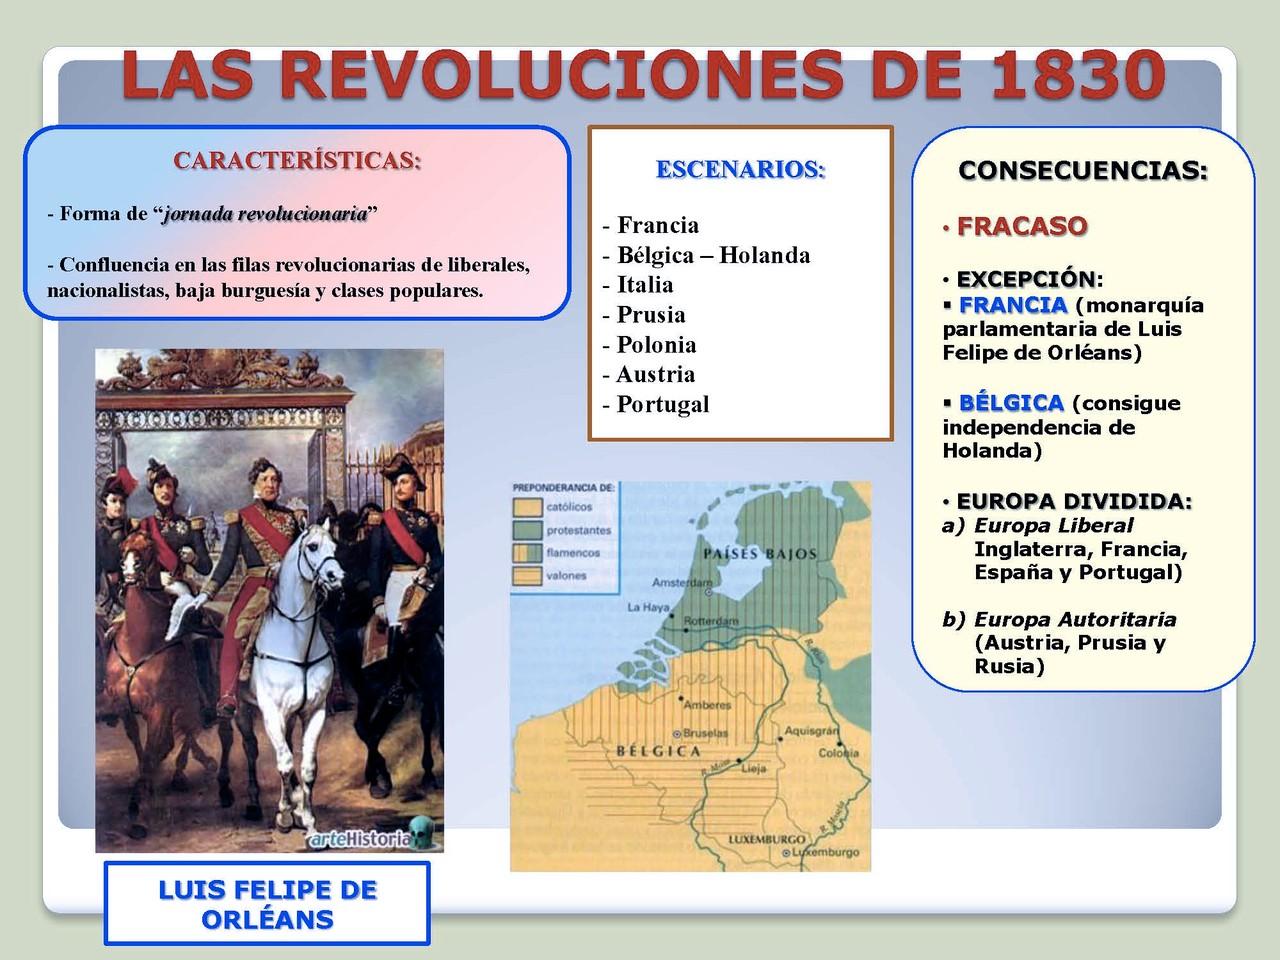 Mapa de las revoluciones de 1830.